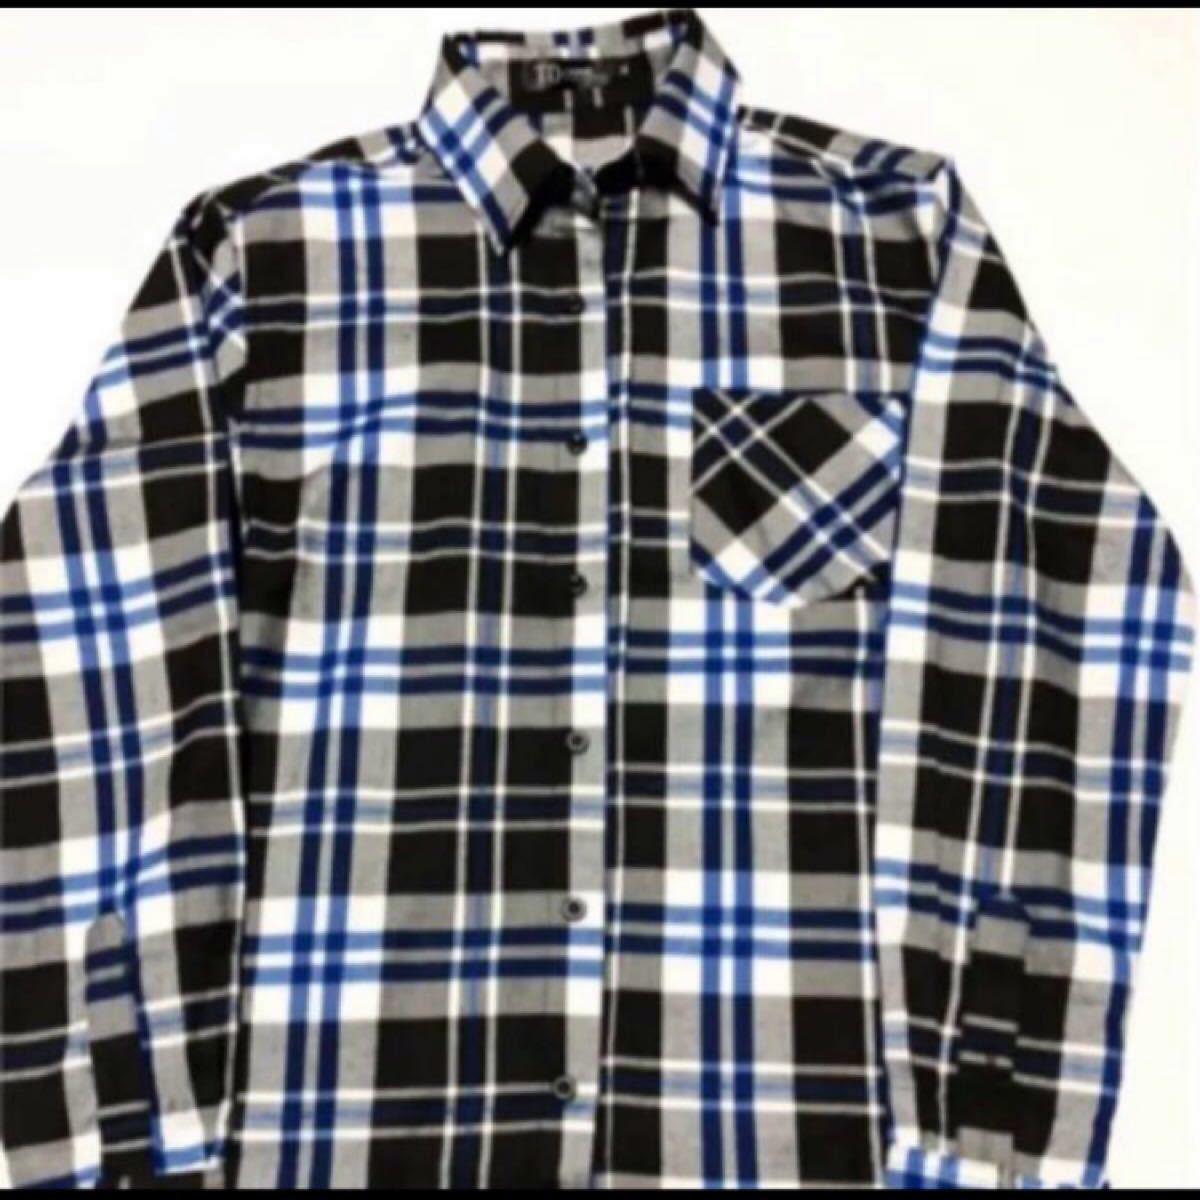 ネルシャツ チェックシャツ 長袖シャツ チェック柄 長袖 todollネルシャツ